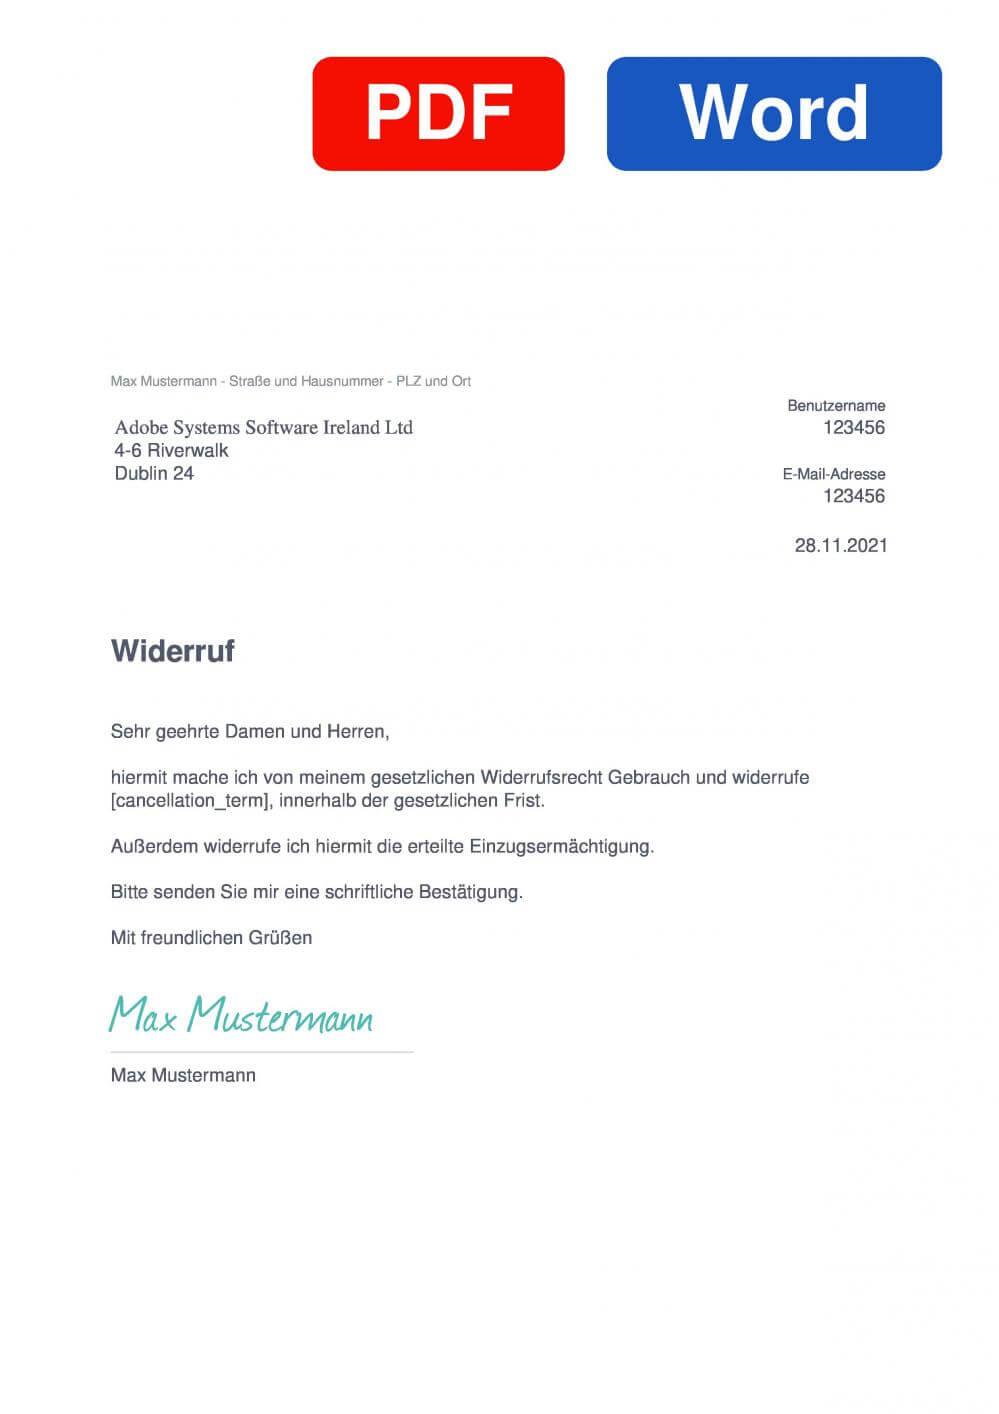 Adobe Muster Vorlage für Wiederrufsschreiben